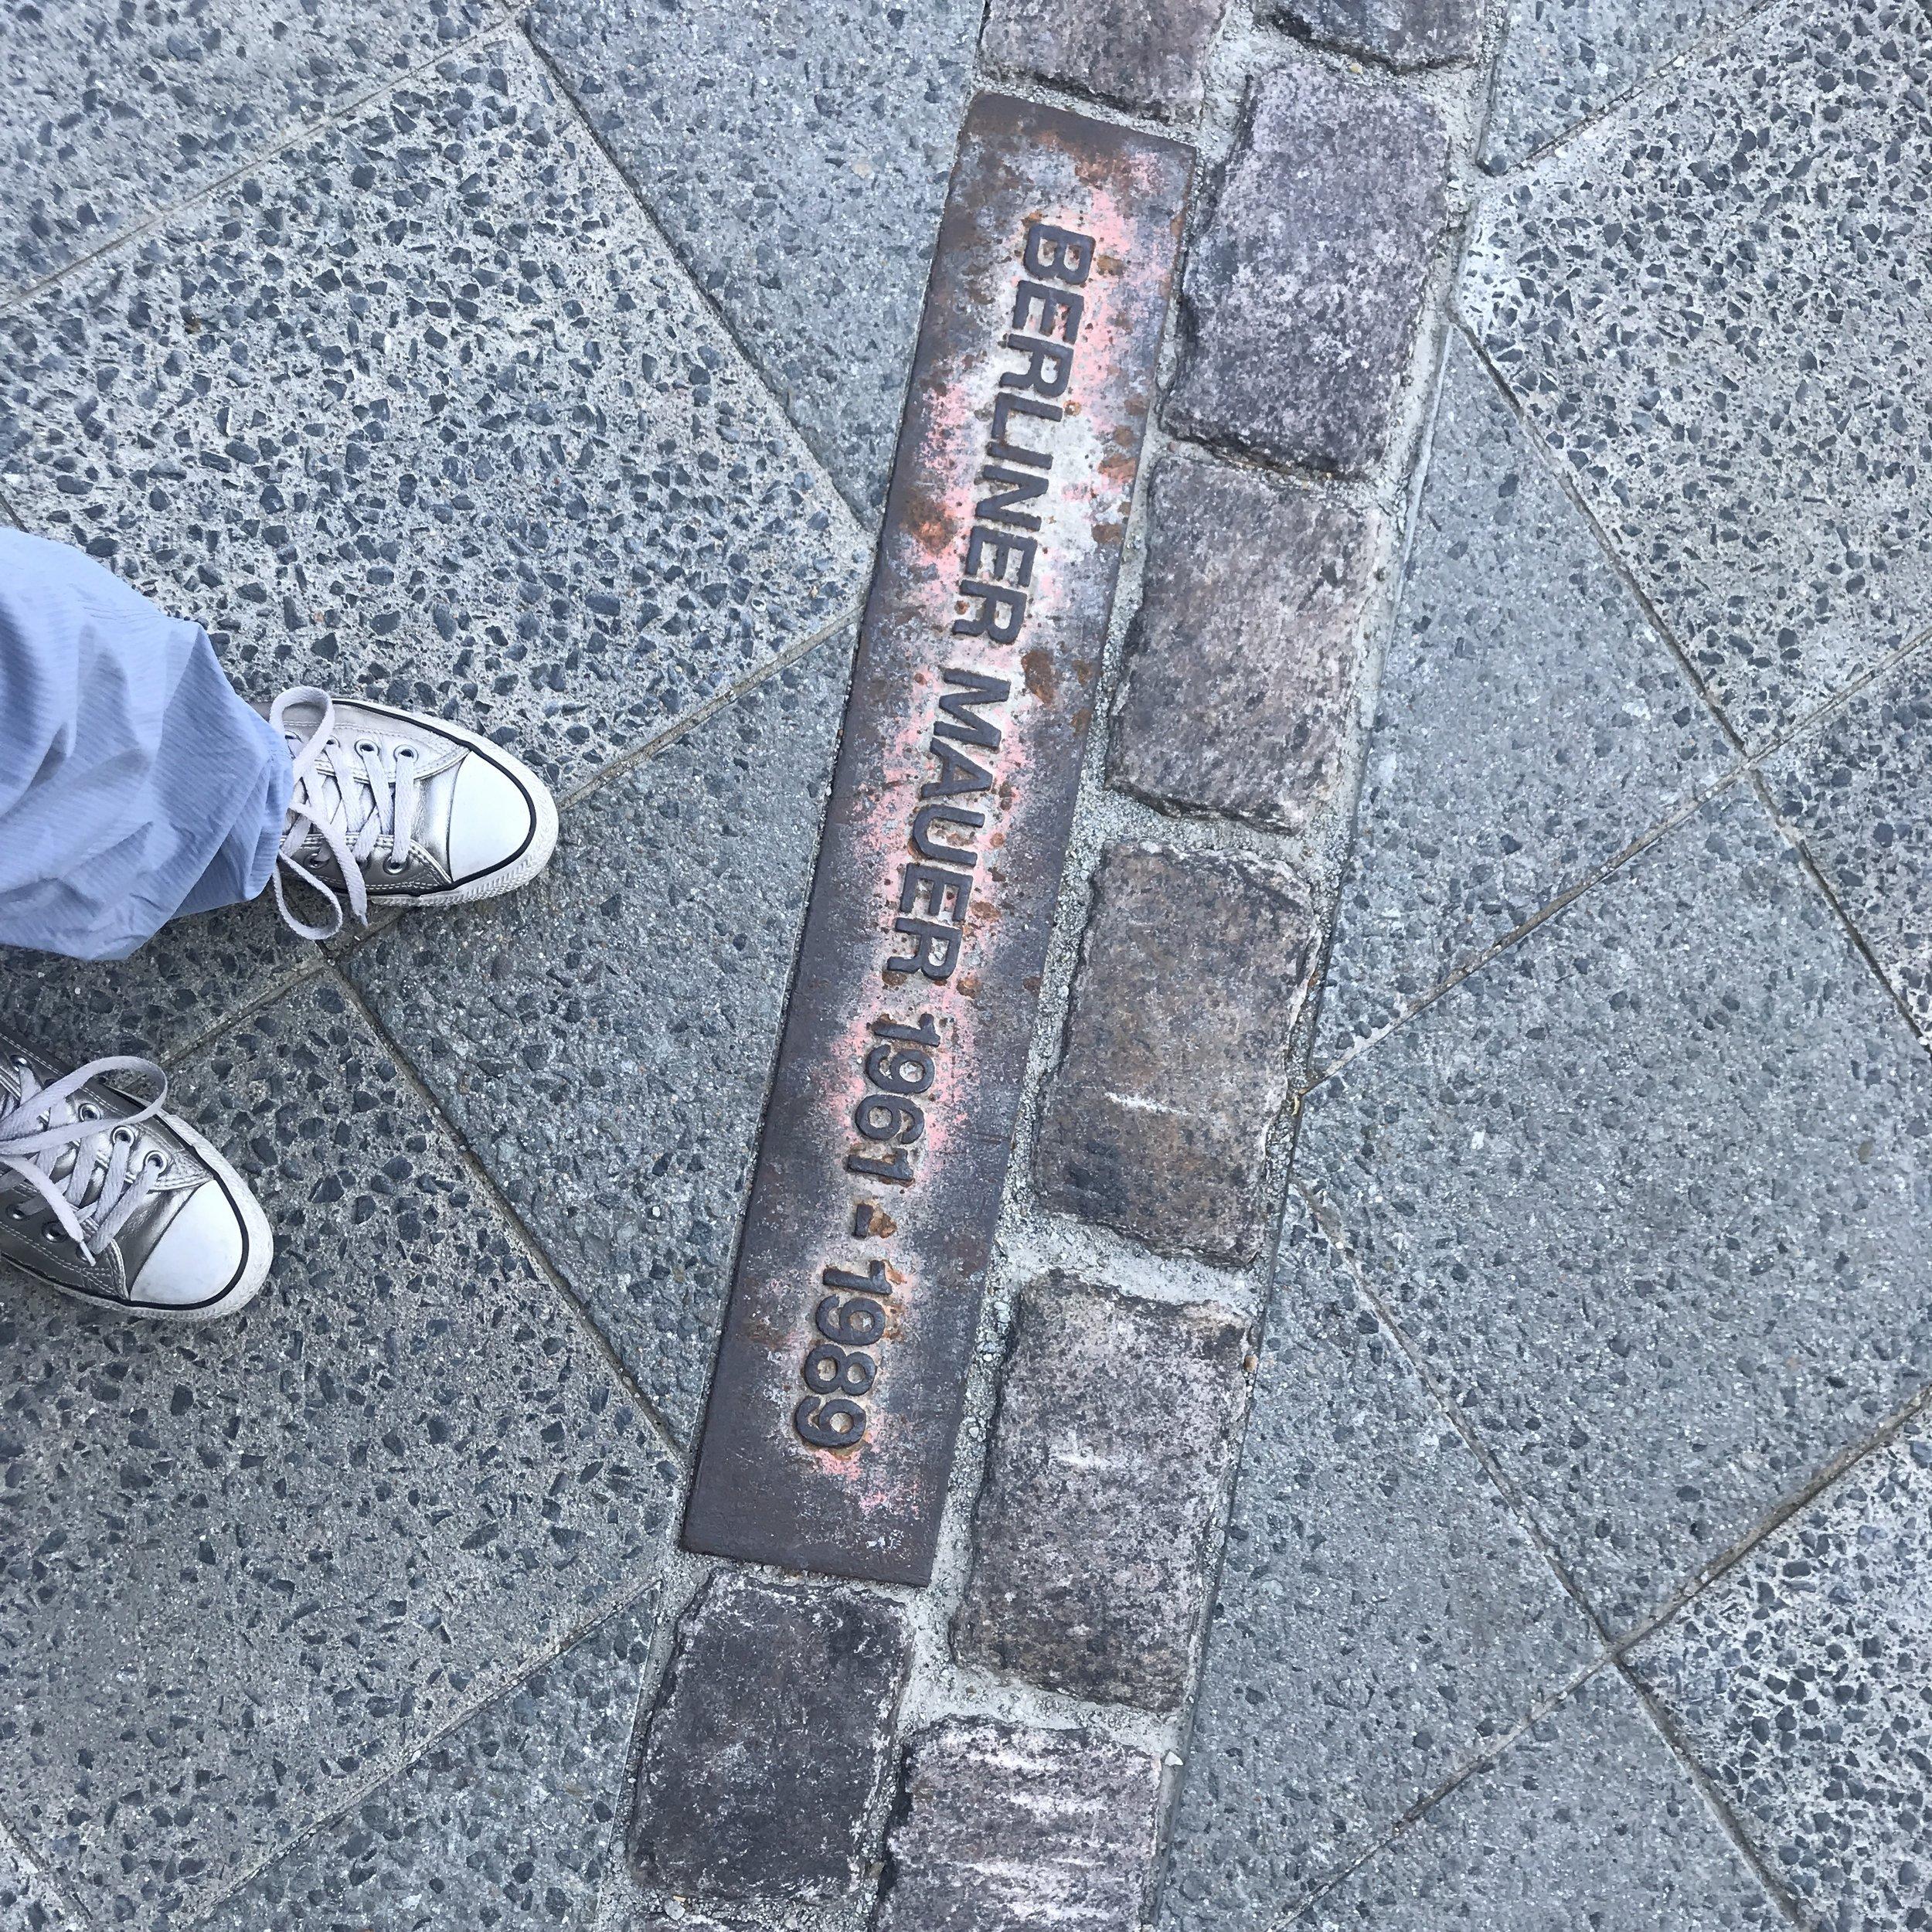 「ベルリンの壁 1961-1989」と読める側が、旧西ベルリンだったそう